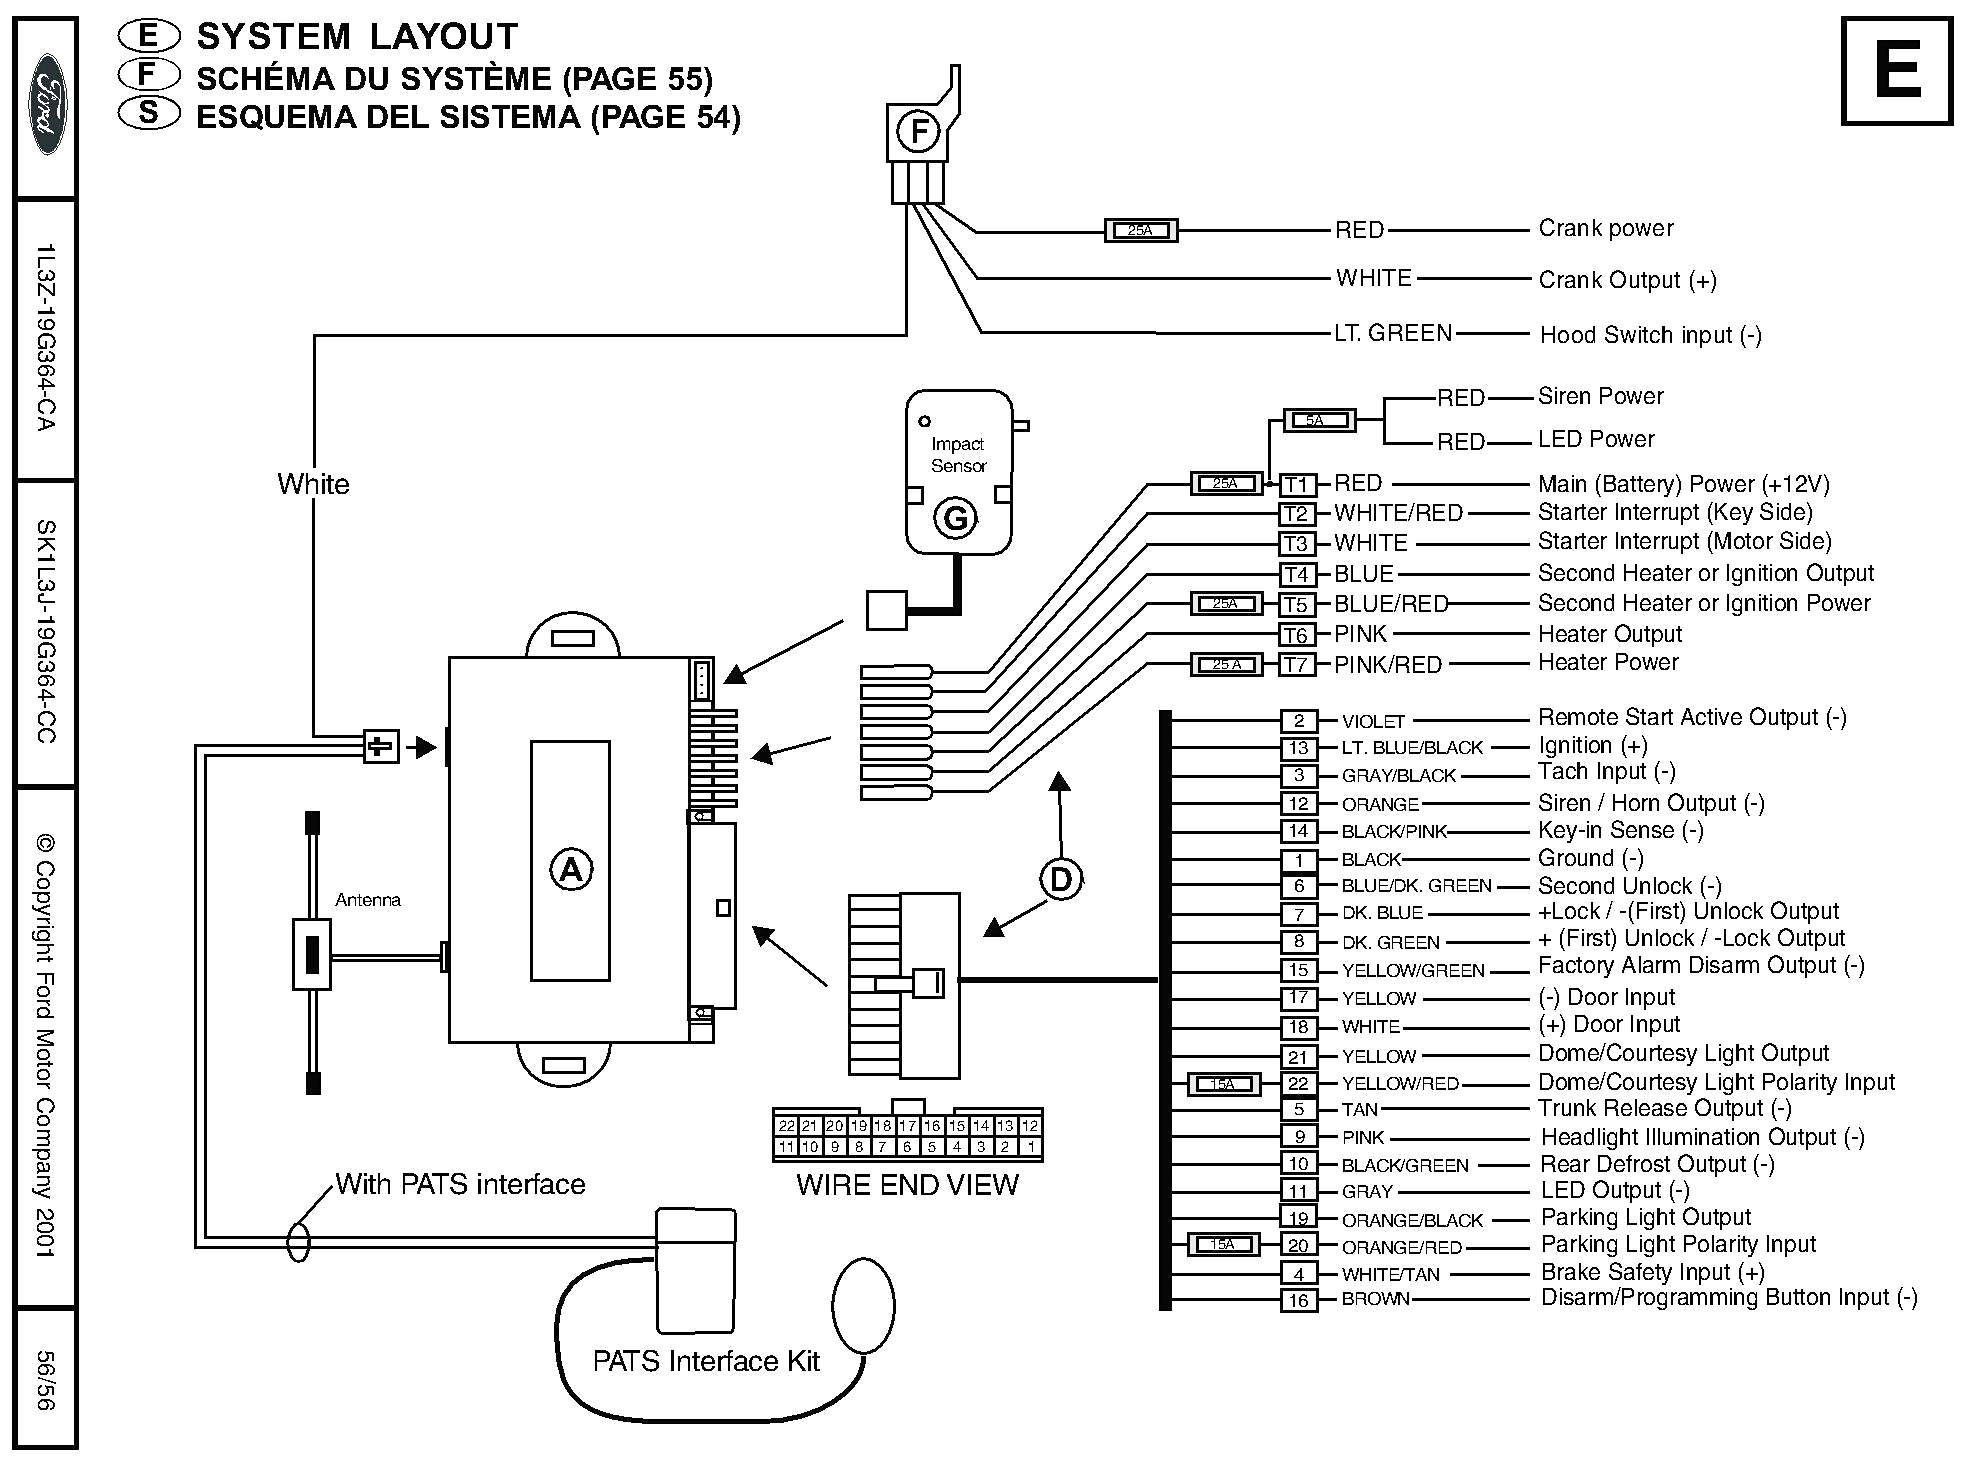 Bulldog Car Alarm Wiring Diagram Bulldog Security Wiring Diagrams and Mesmerizing Car Alarm Diagram